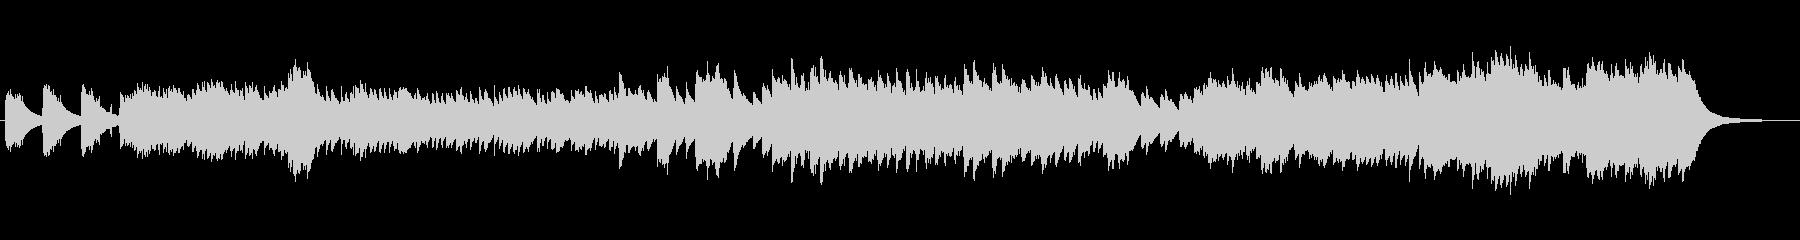 メローでメロディアスなオルゴールサウンドの未再生の波形